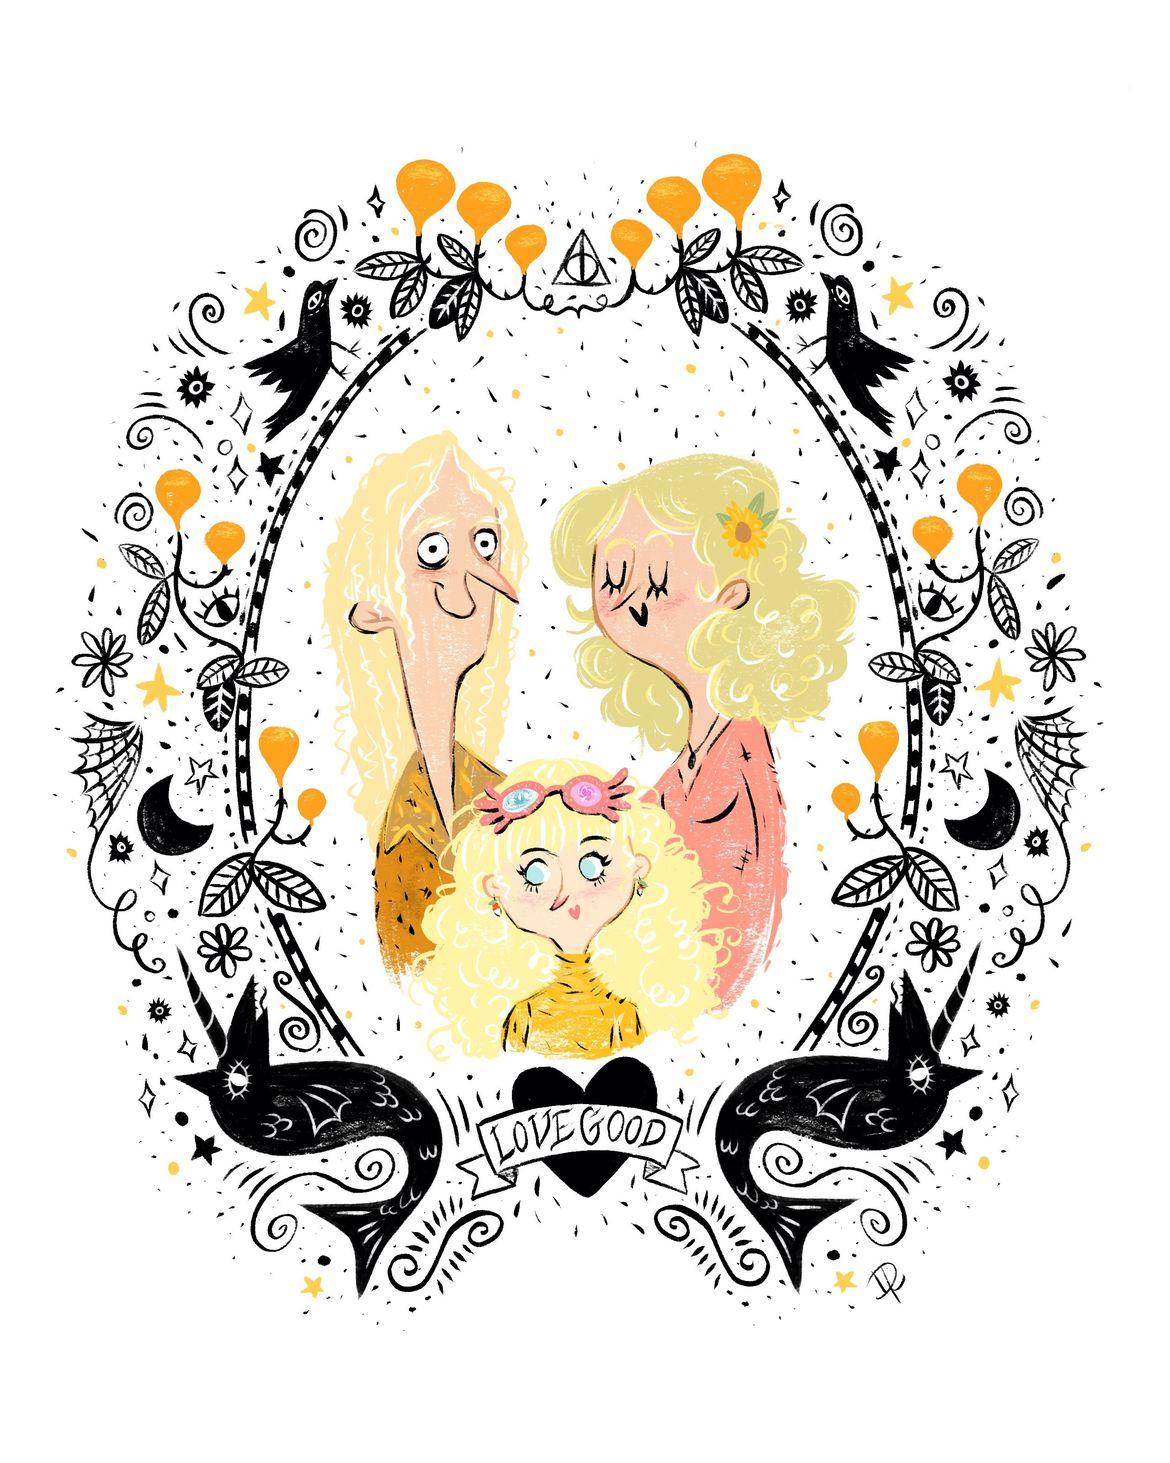 Lovegood family portrait by Dayana Ramirez